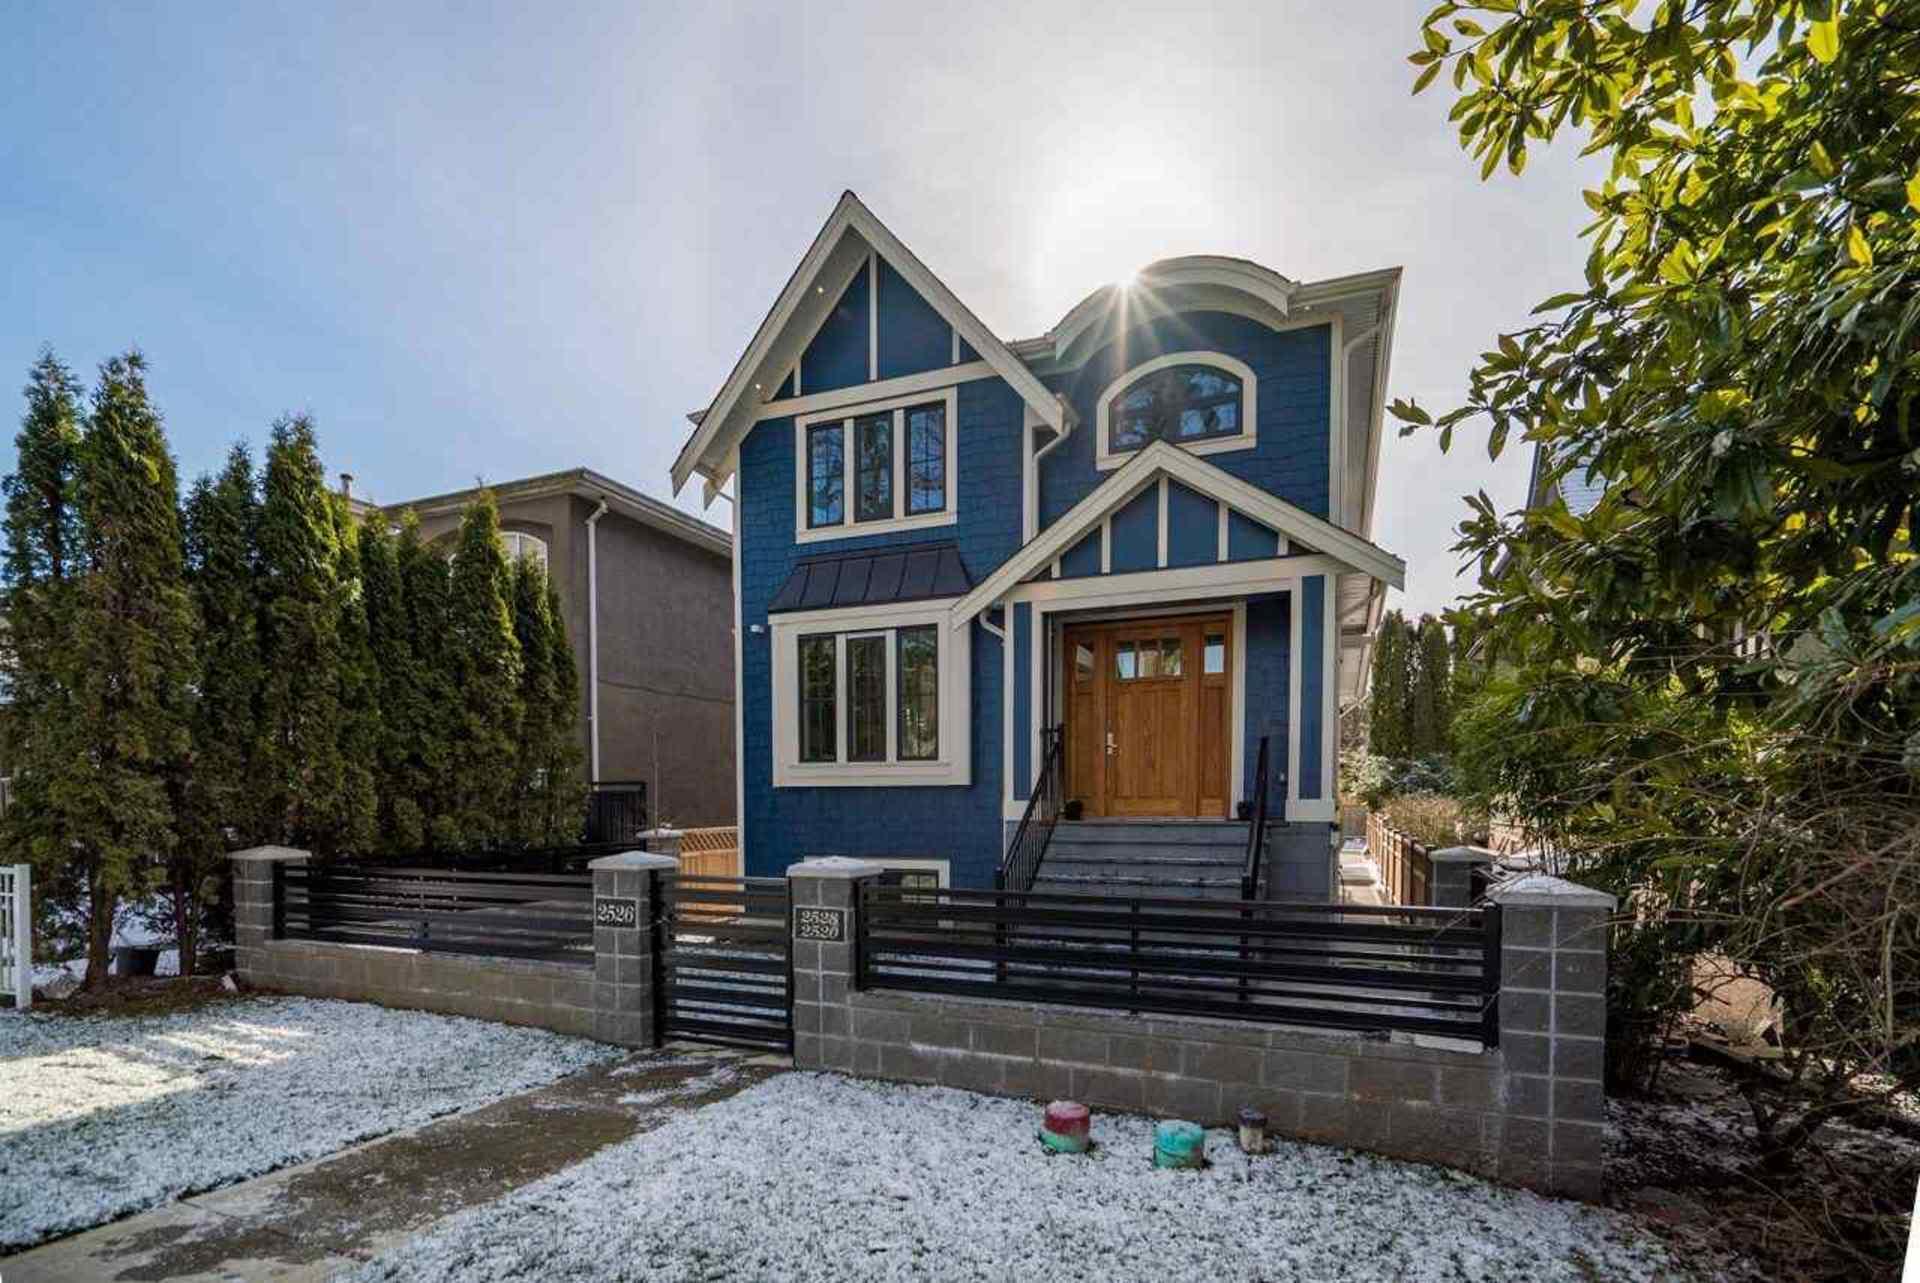 2526-eton-street-hastings-east-vancouver-east-15 at 2526 Eton Street, Hastings East, Vancouver East